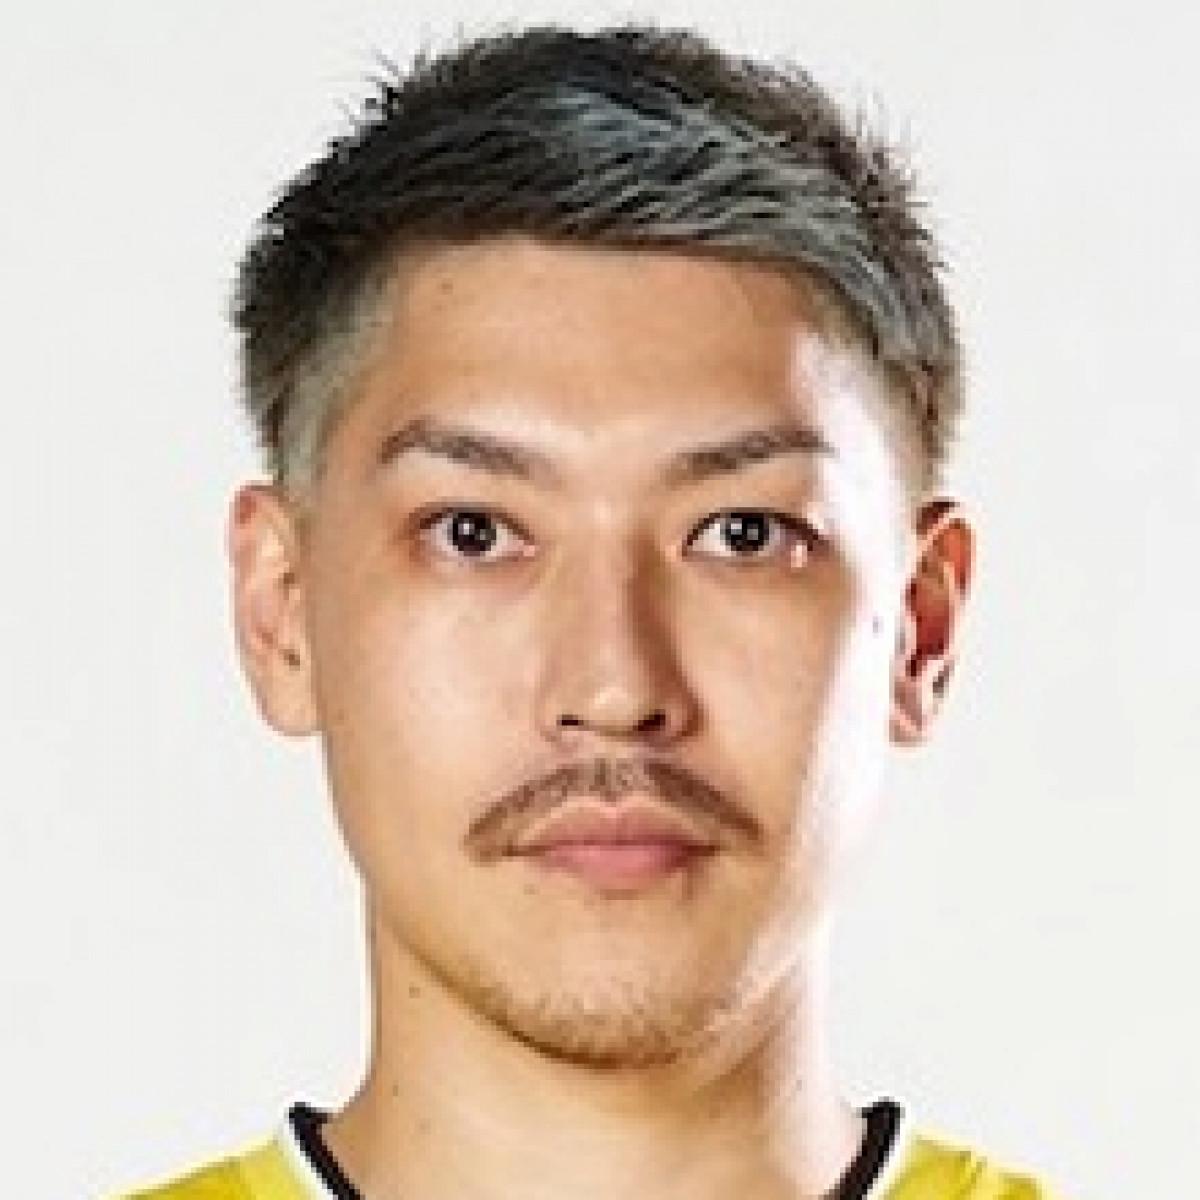 Morihisa Yamauchi